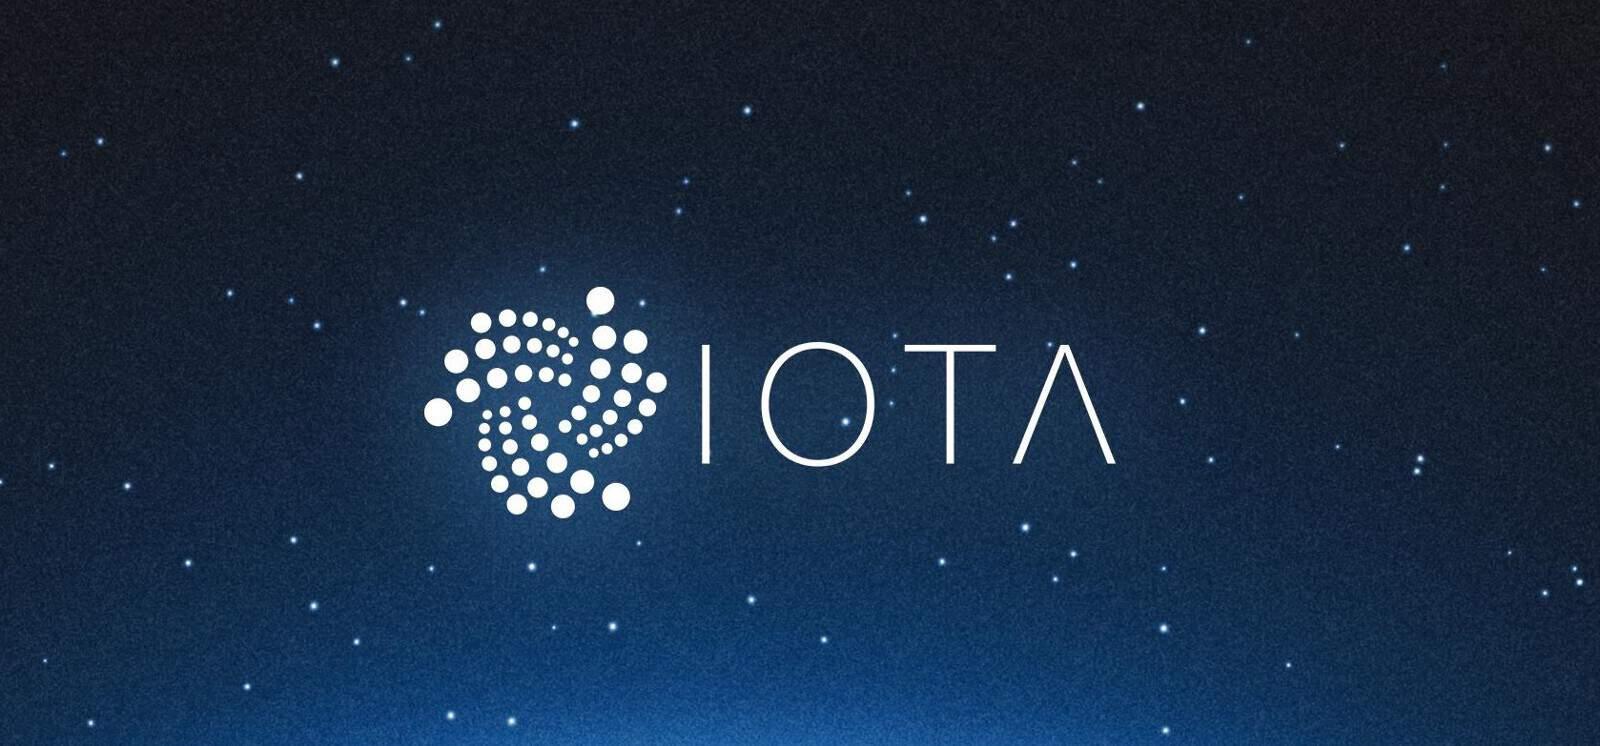 Comprare IOTA: come acquistare la criptovaluta Miota